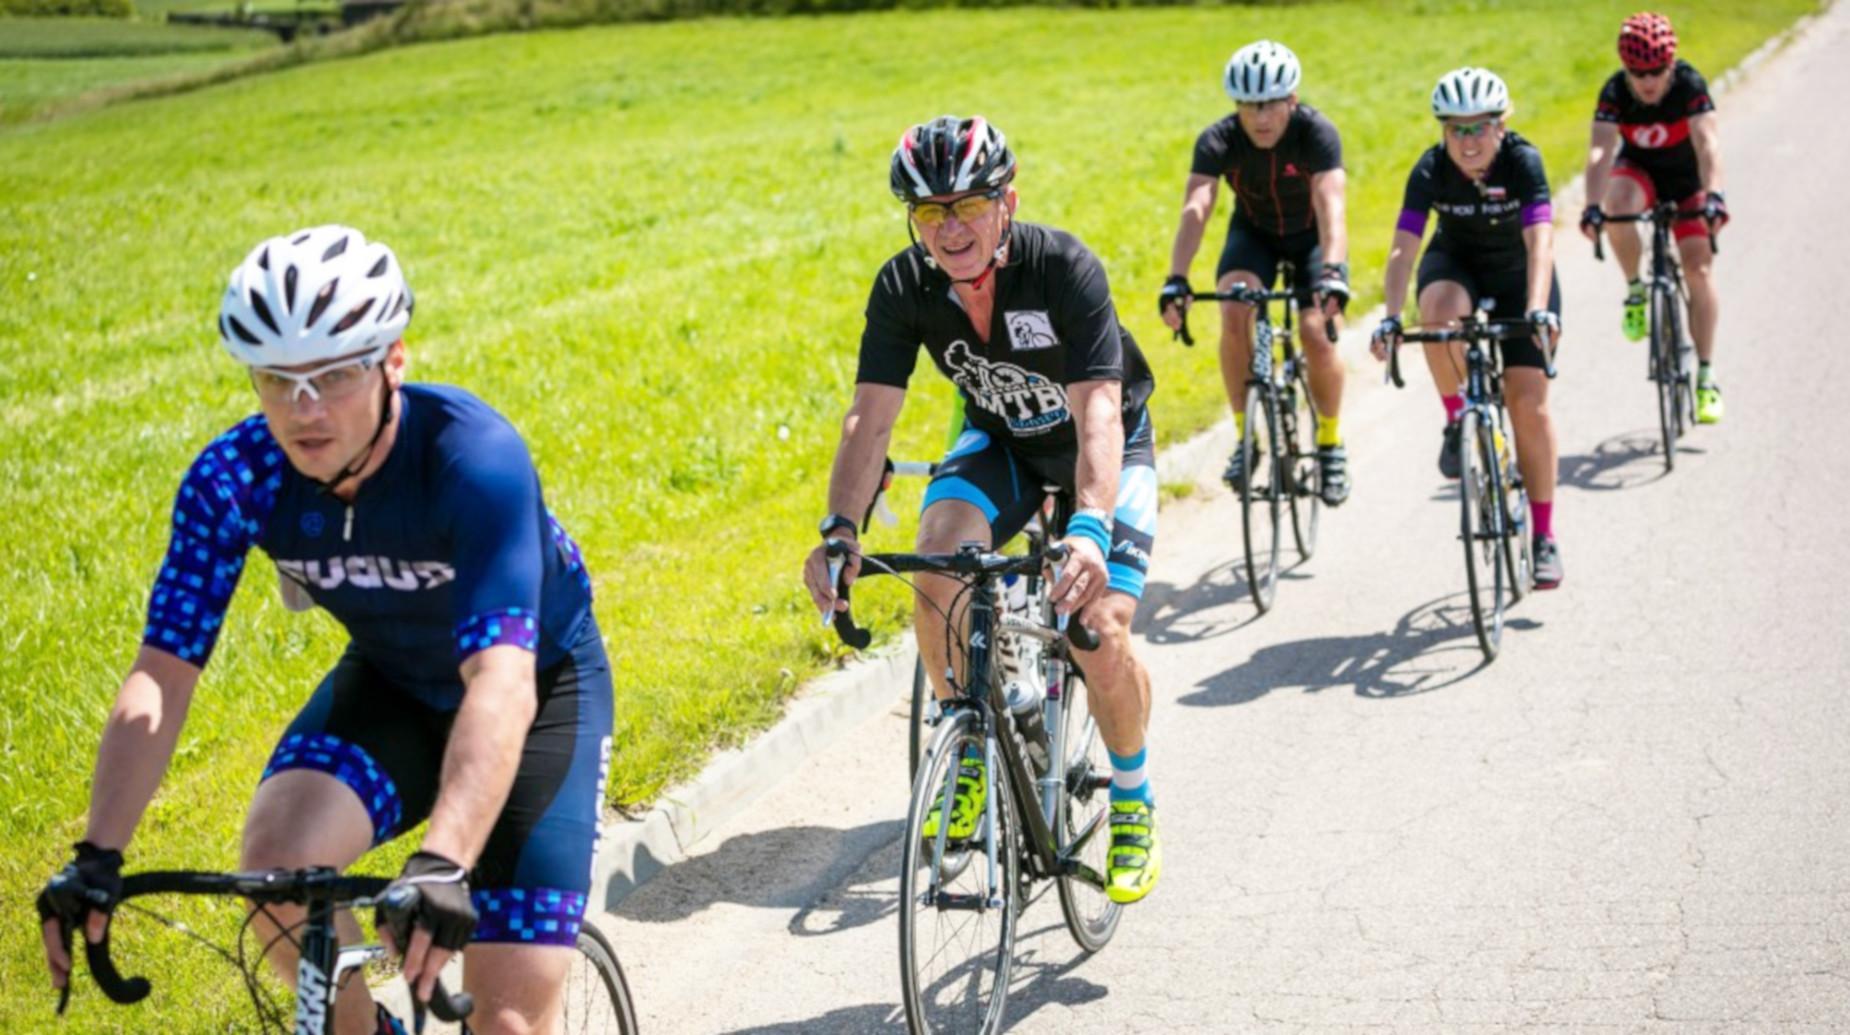 Kolarskie ściganie po kociewskich szosach. Cyklo Cup Pelplin 2018 przejedzie w niedzielę